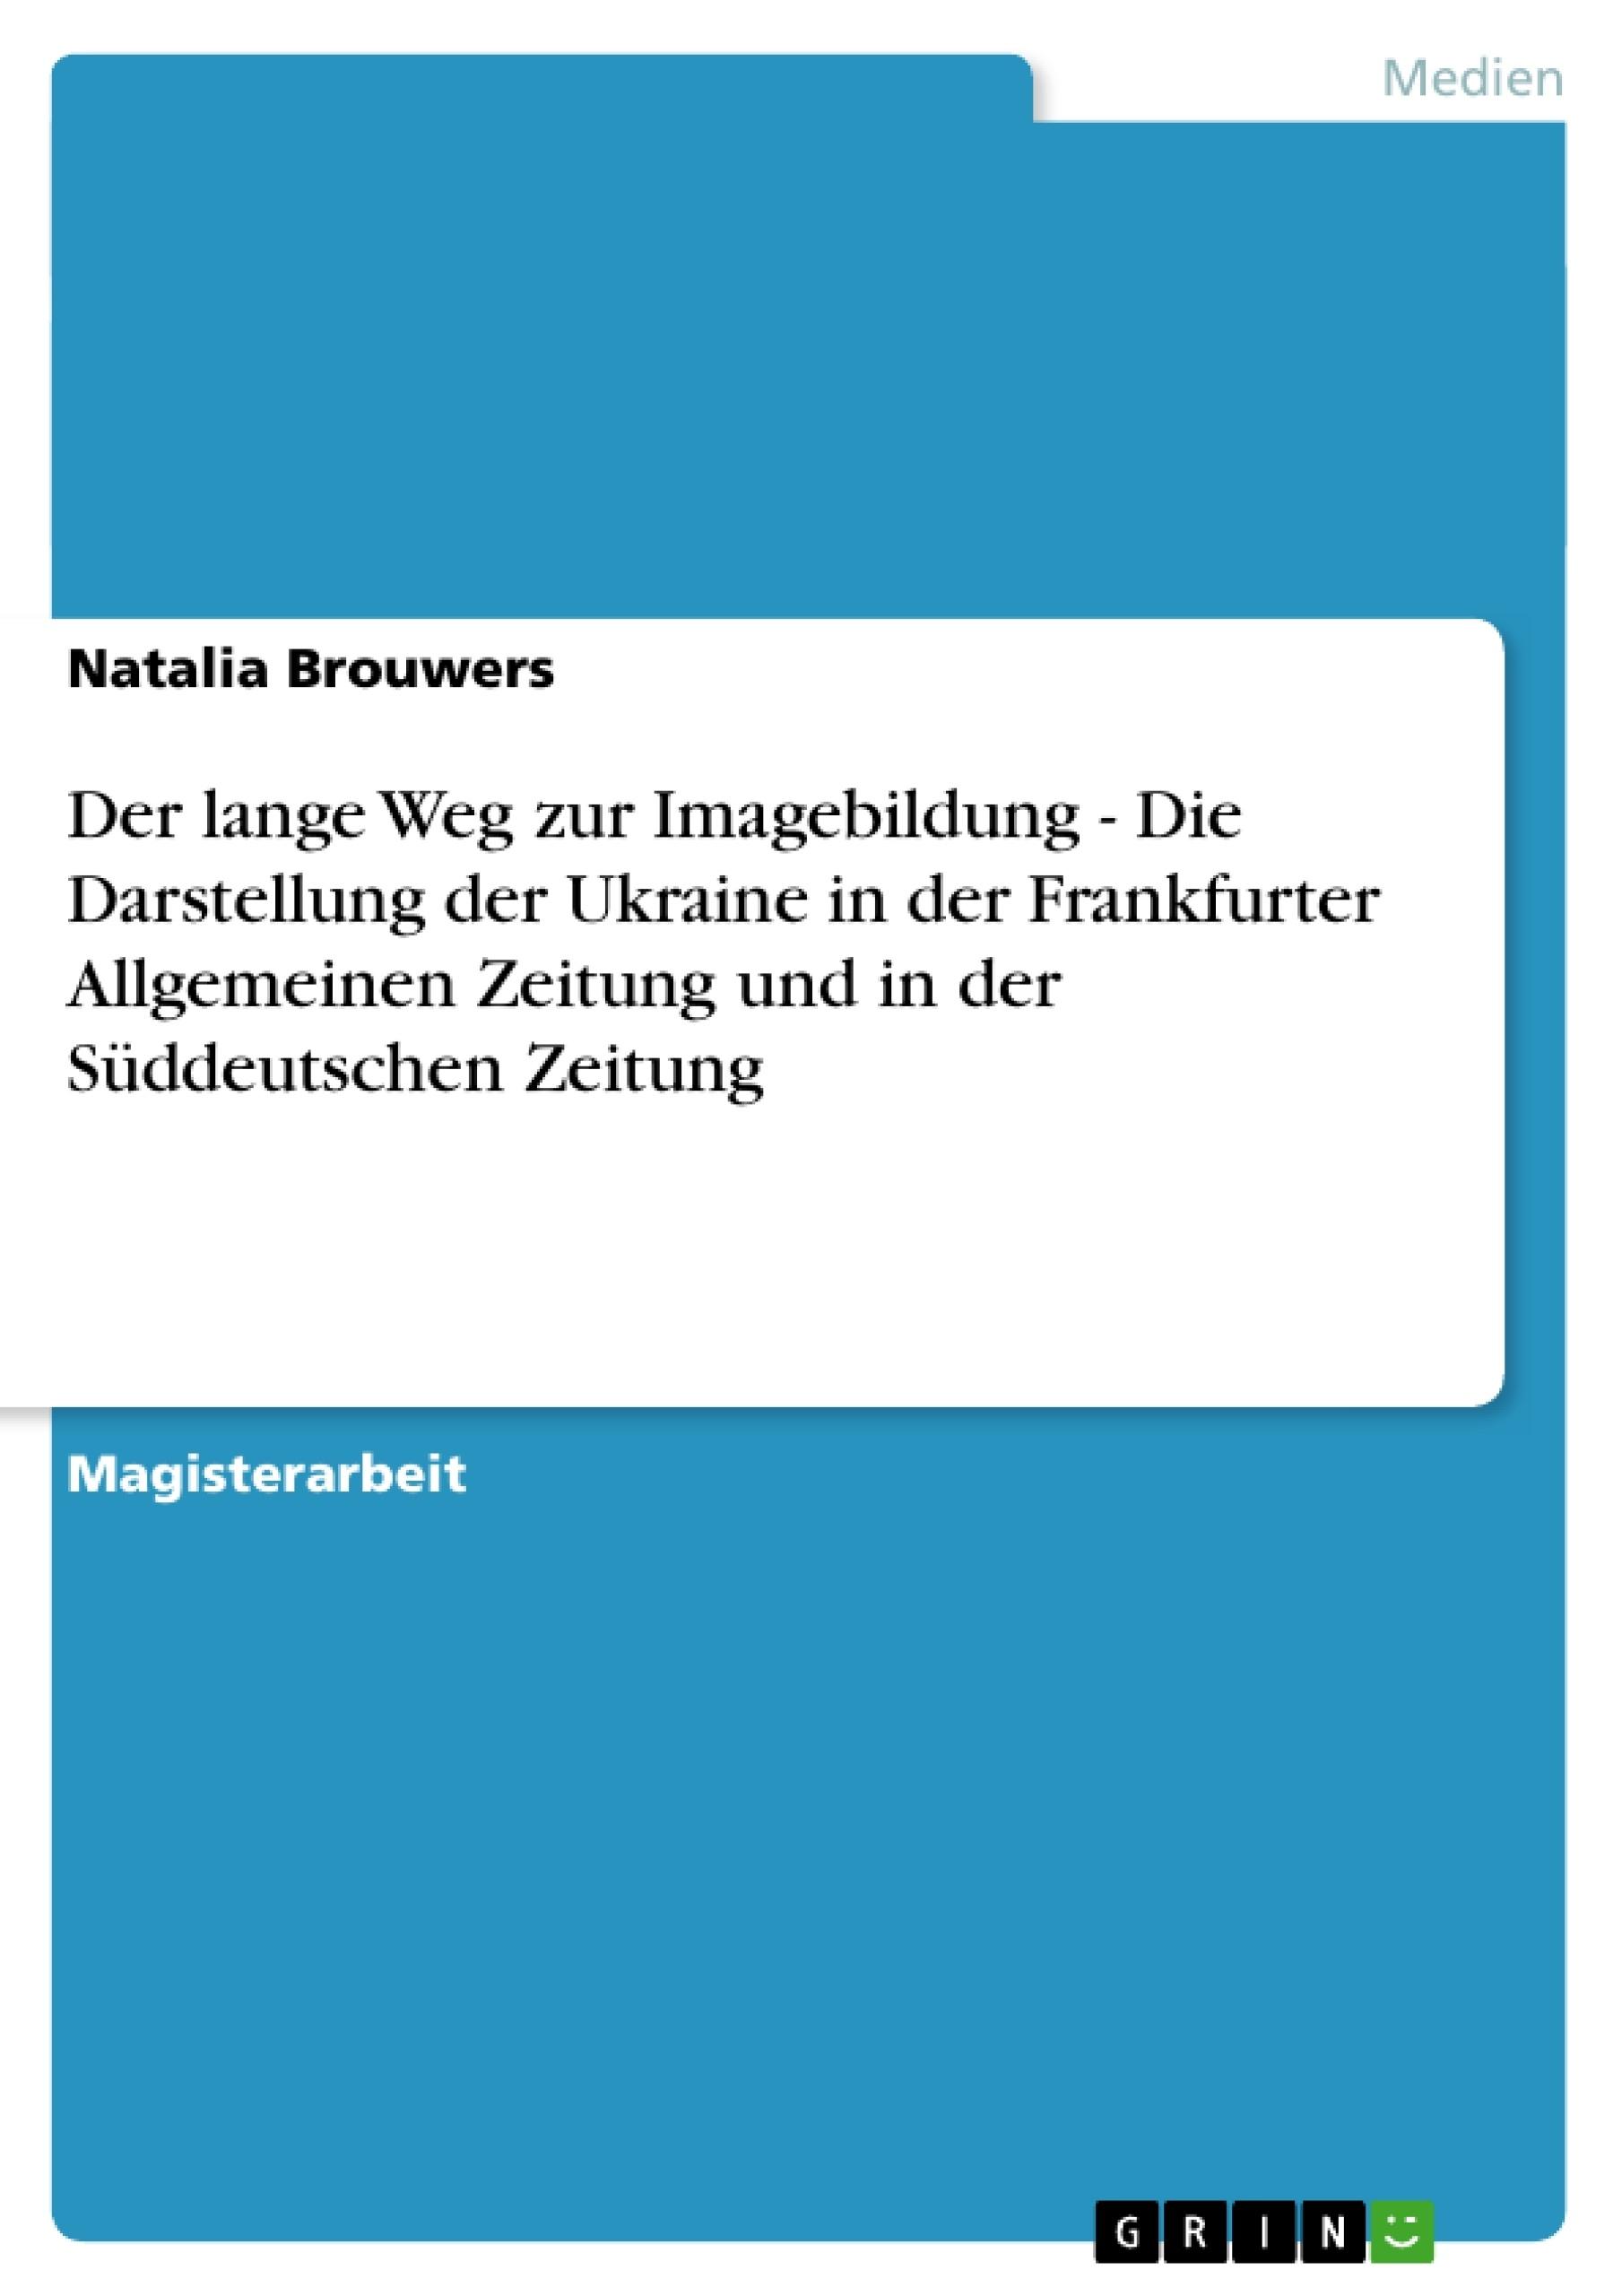 Titel: Der lange Weg zur Imagebildung - Die Darstellung der Ukraine in der Frankfurter Allgemeinen Zeitung und in der Süddeutschen Zeitung